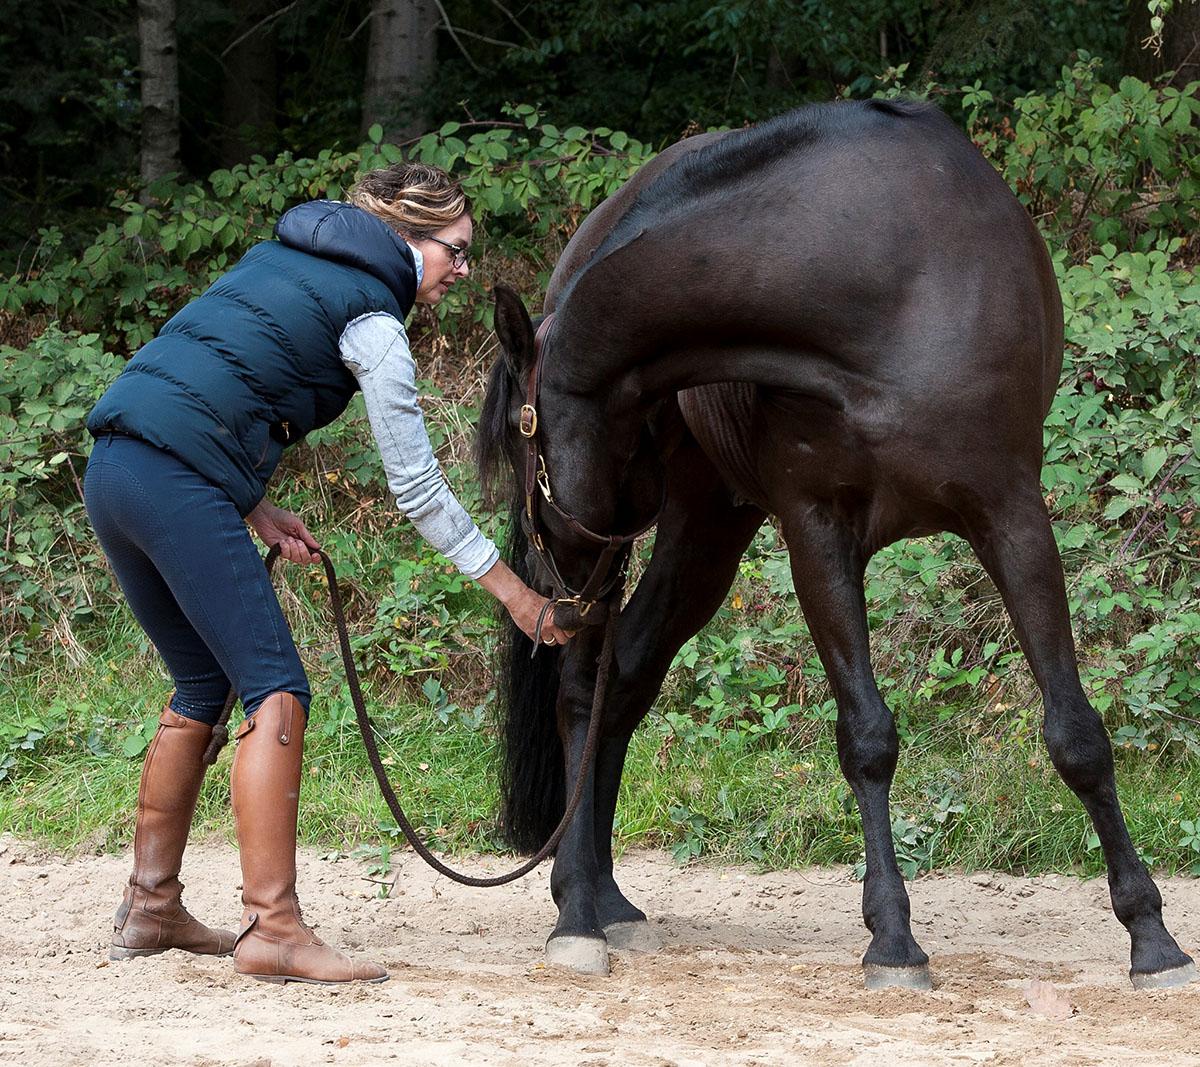 """Equine Cranio Touch - """"Ik heb in de loop der jaren mijn eigen manier van behandelen ontwikkeld; de benadering van het paard, de opbouw van de behandeling, inzet van passende middelen/voeding en de nazorg, zijn met grote zorg en passie."""""""